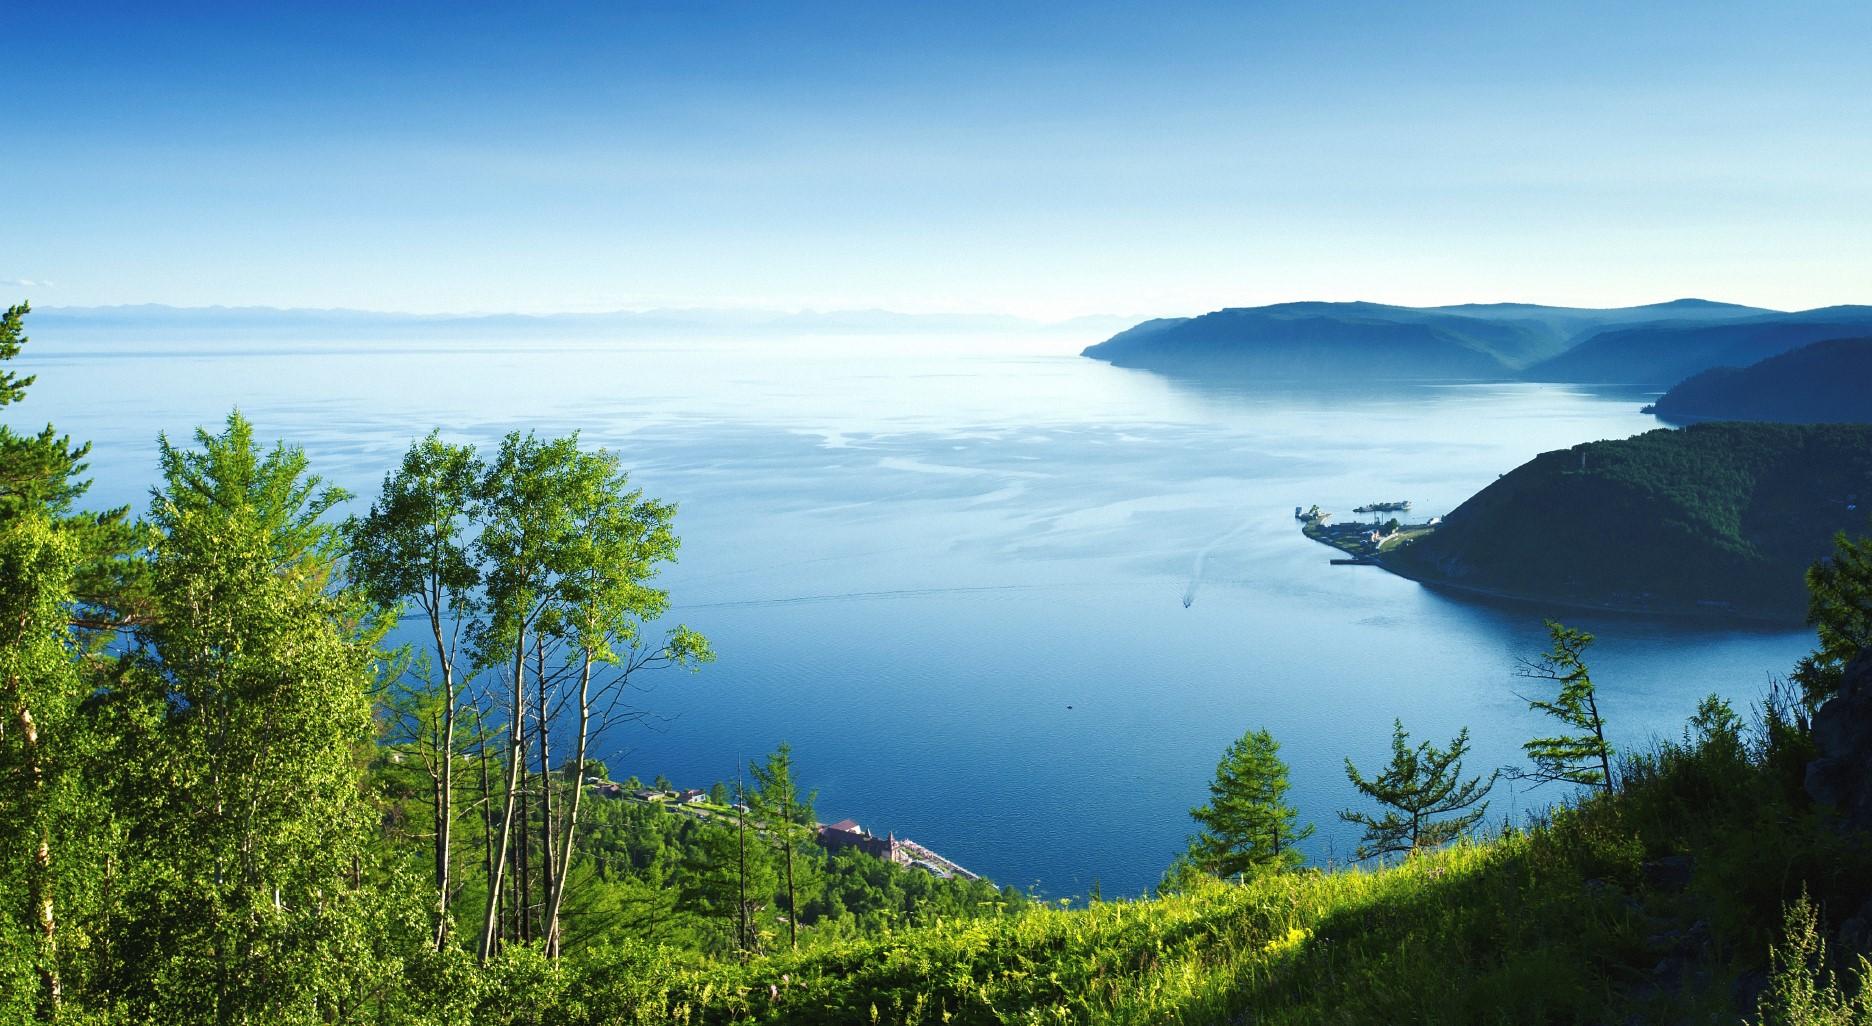 Russia: gli abissi del Baikal, il lago dei misteri